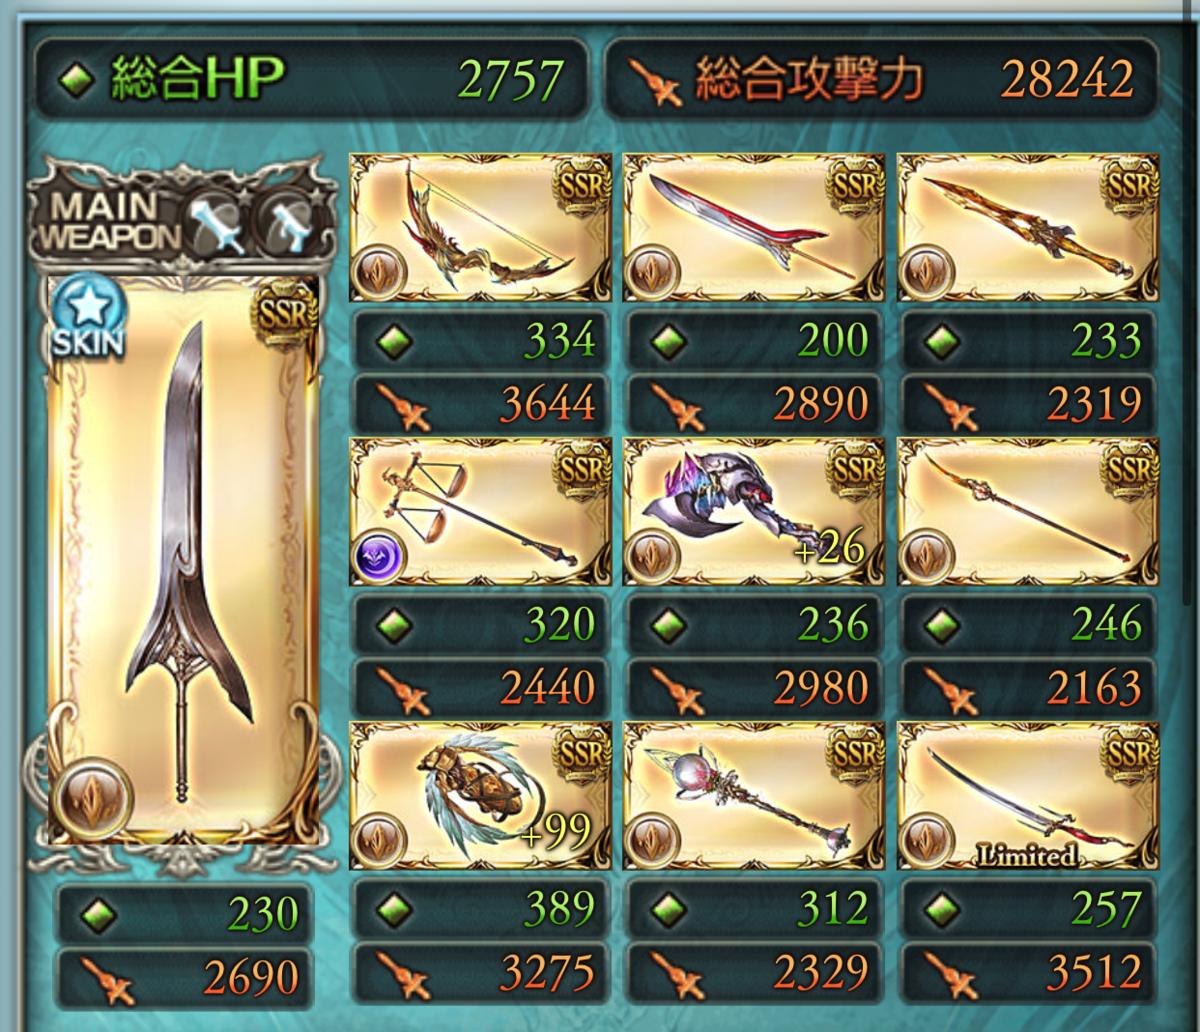 f:id:akiura774:20210325142346p:plain